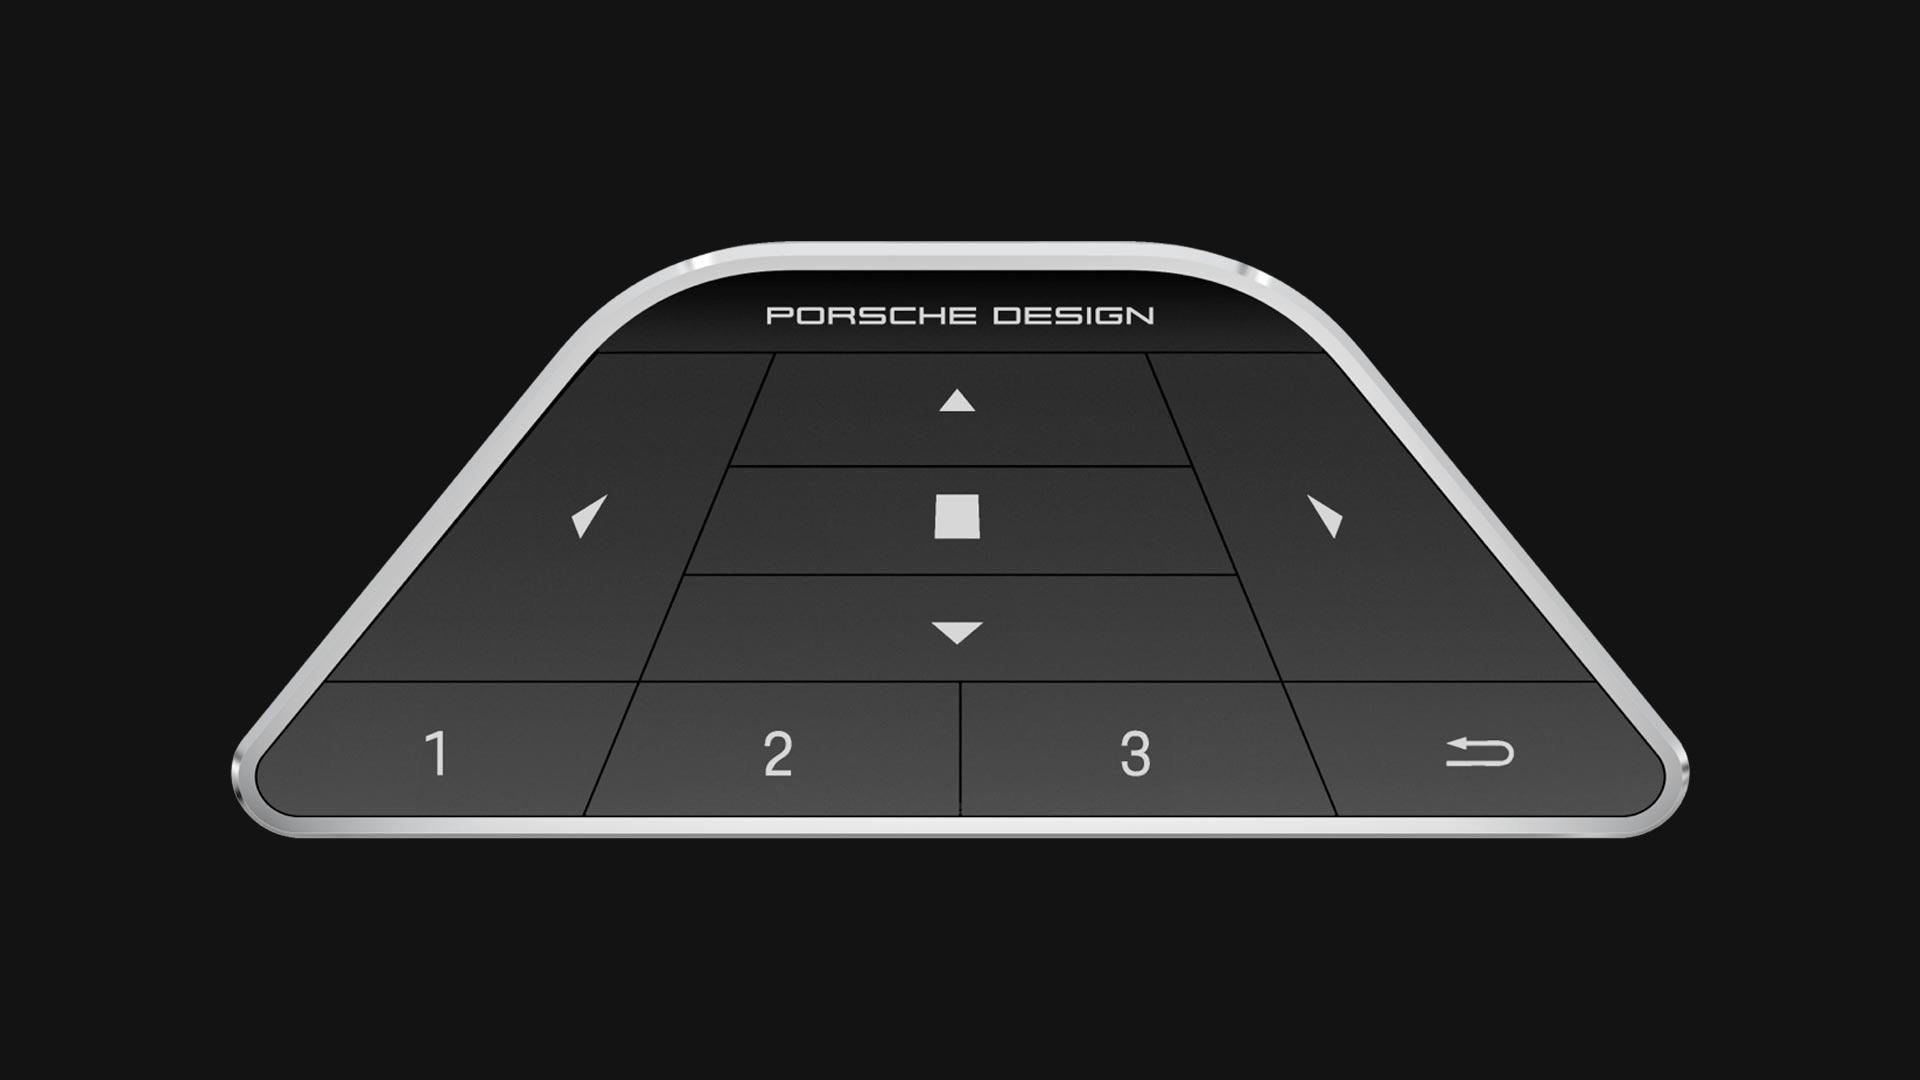 aoc porsche design AGON PD27 gaming monitor